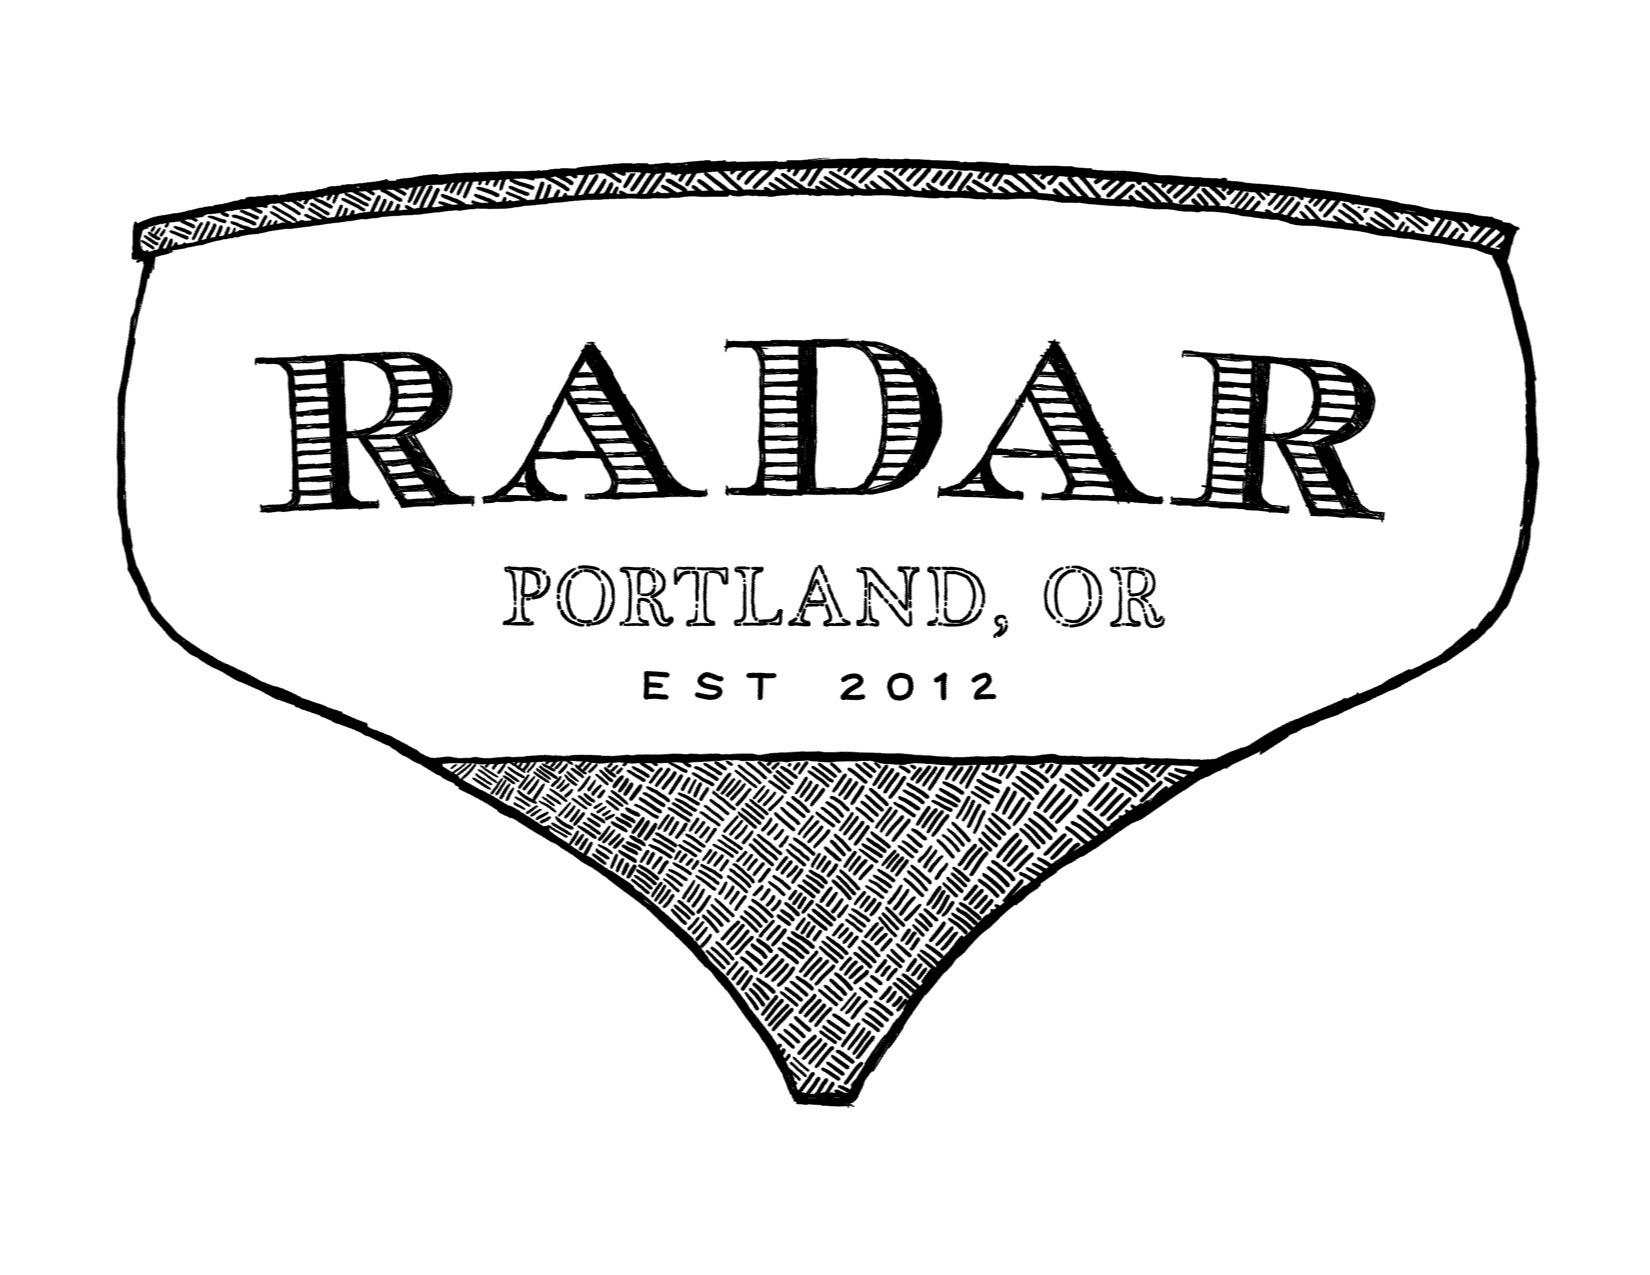 RADAR_DRWANSIGN_market.tif